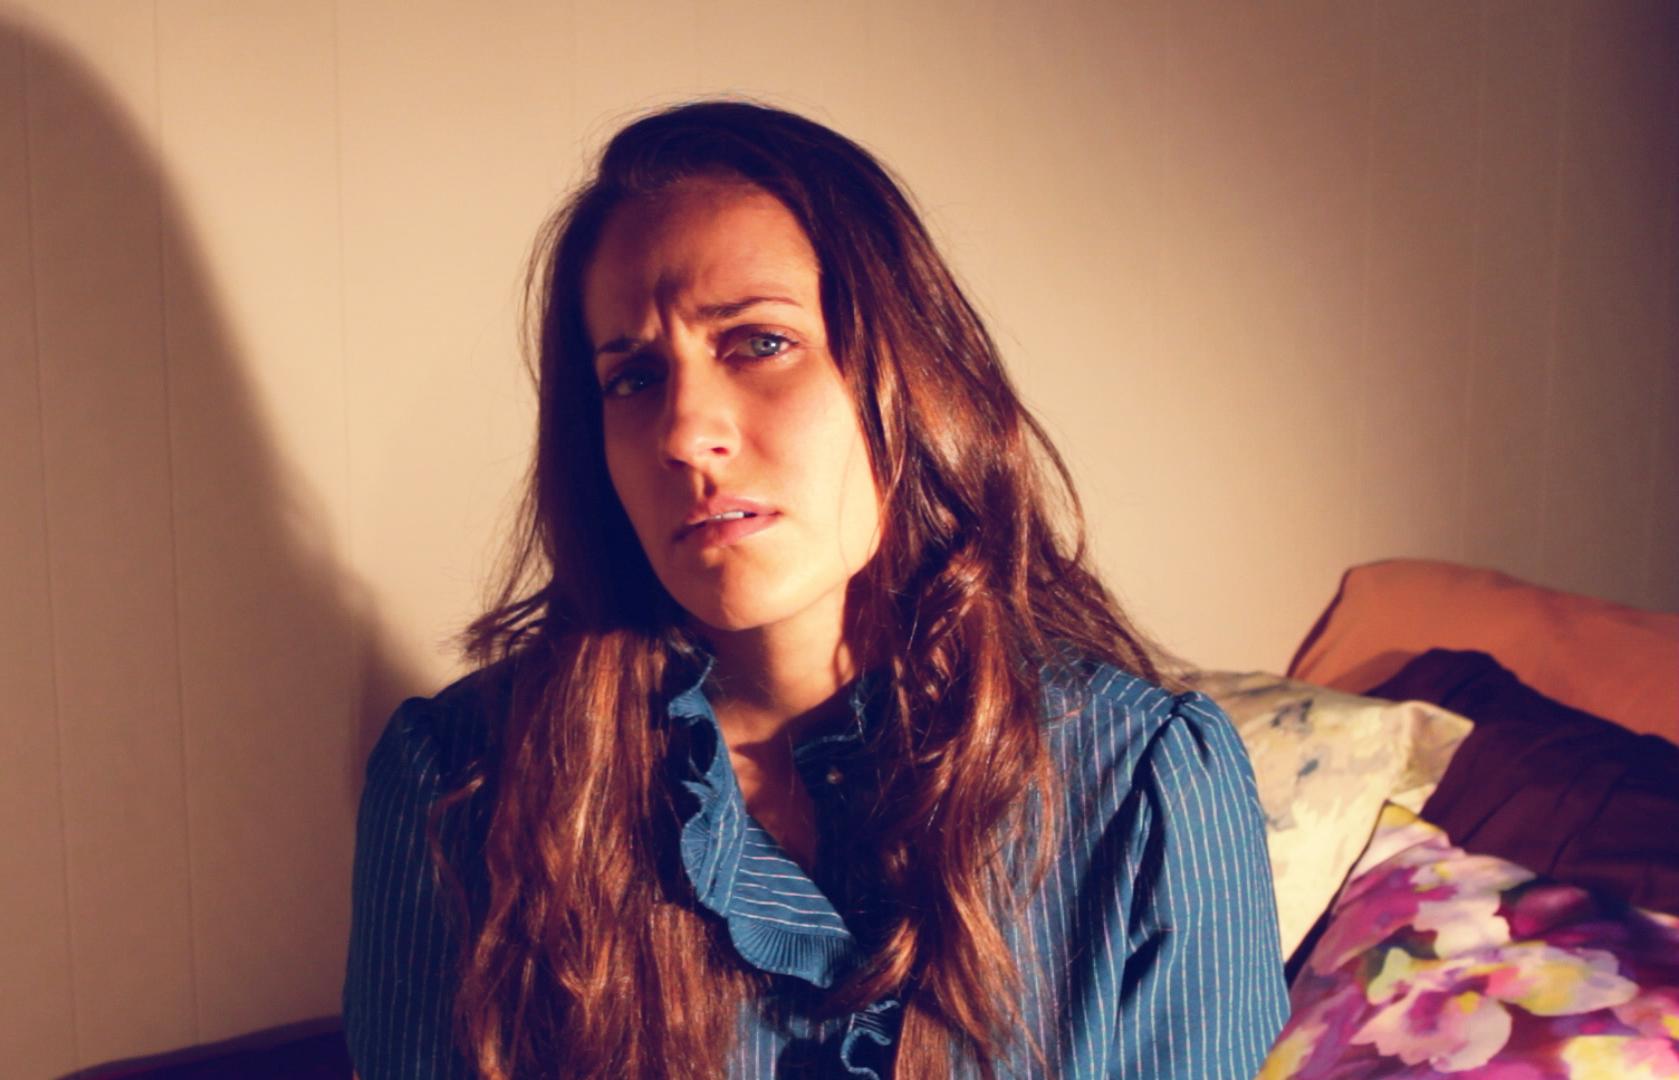 Tara Talks: Behind The Scenes with Tara Neves - Behind-the-scenes look at